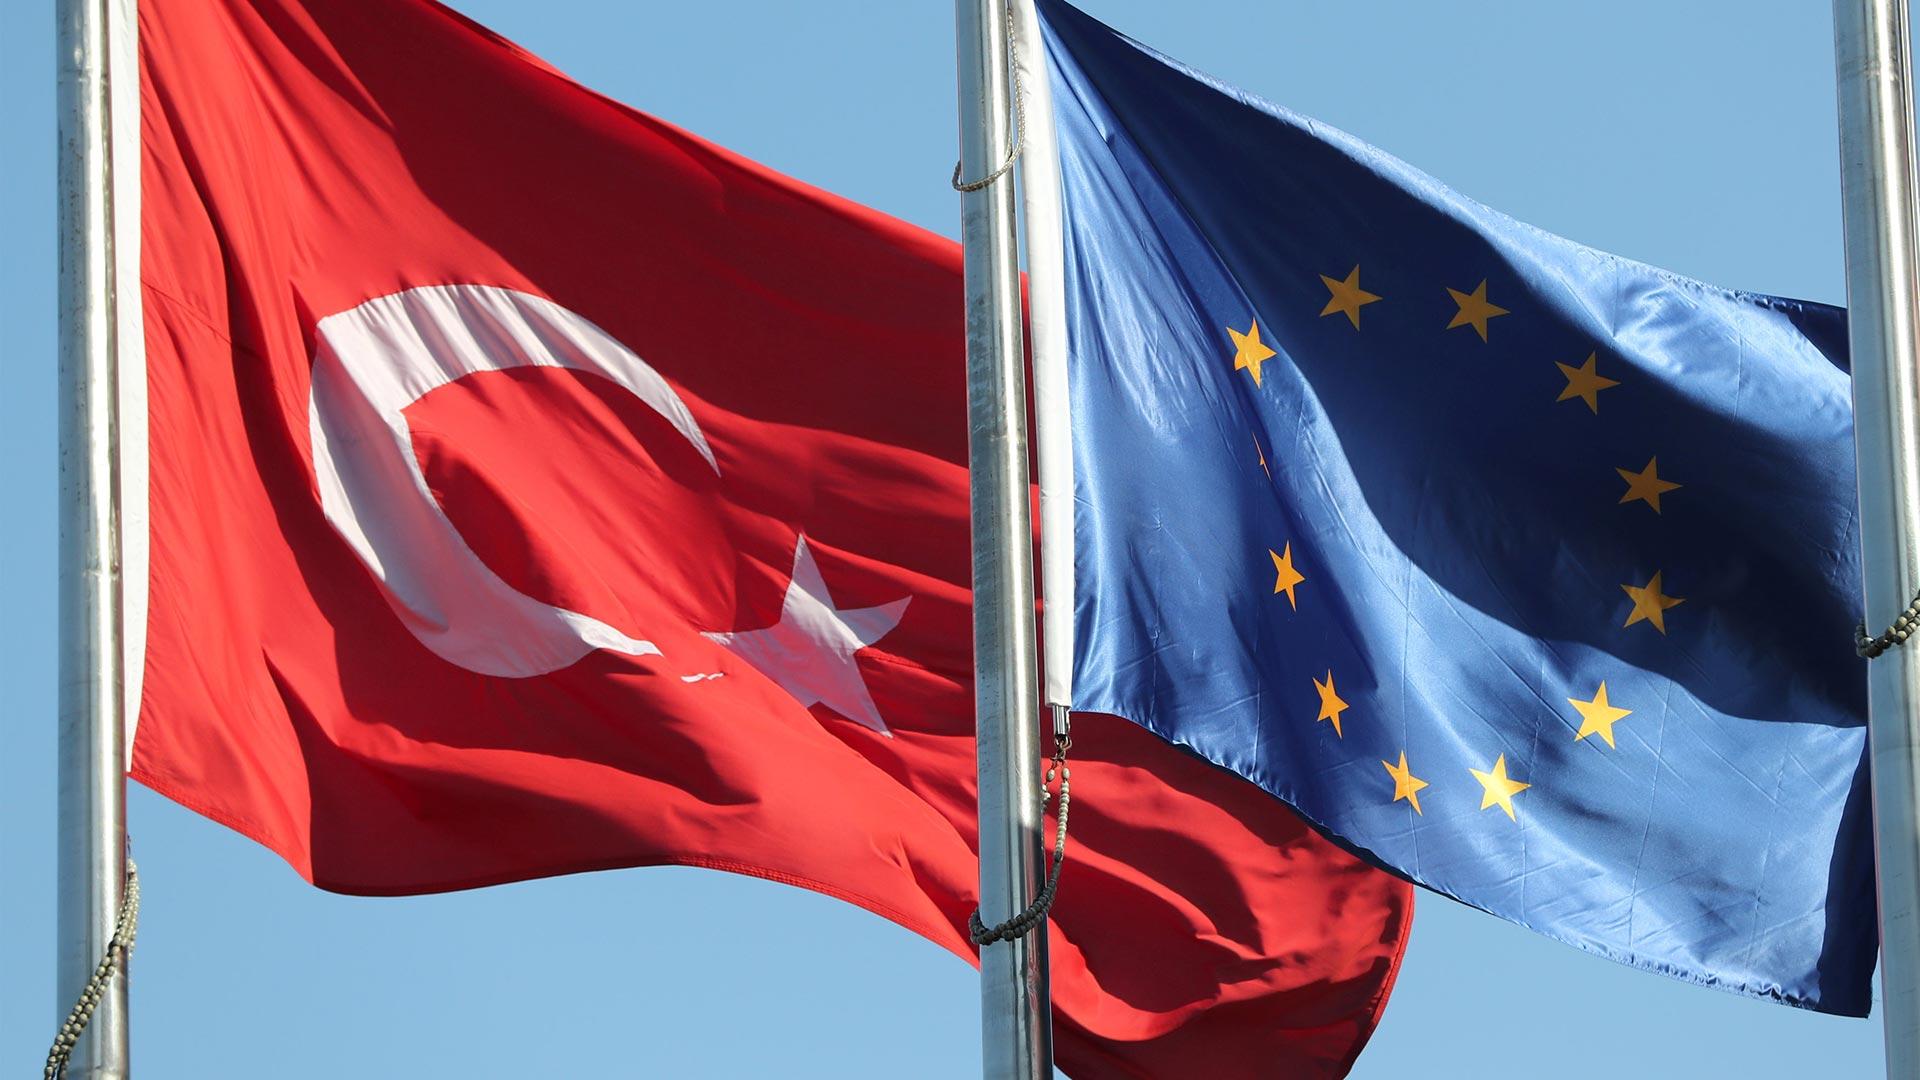 ab-turkiye-bayrak.jpg